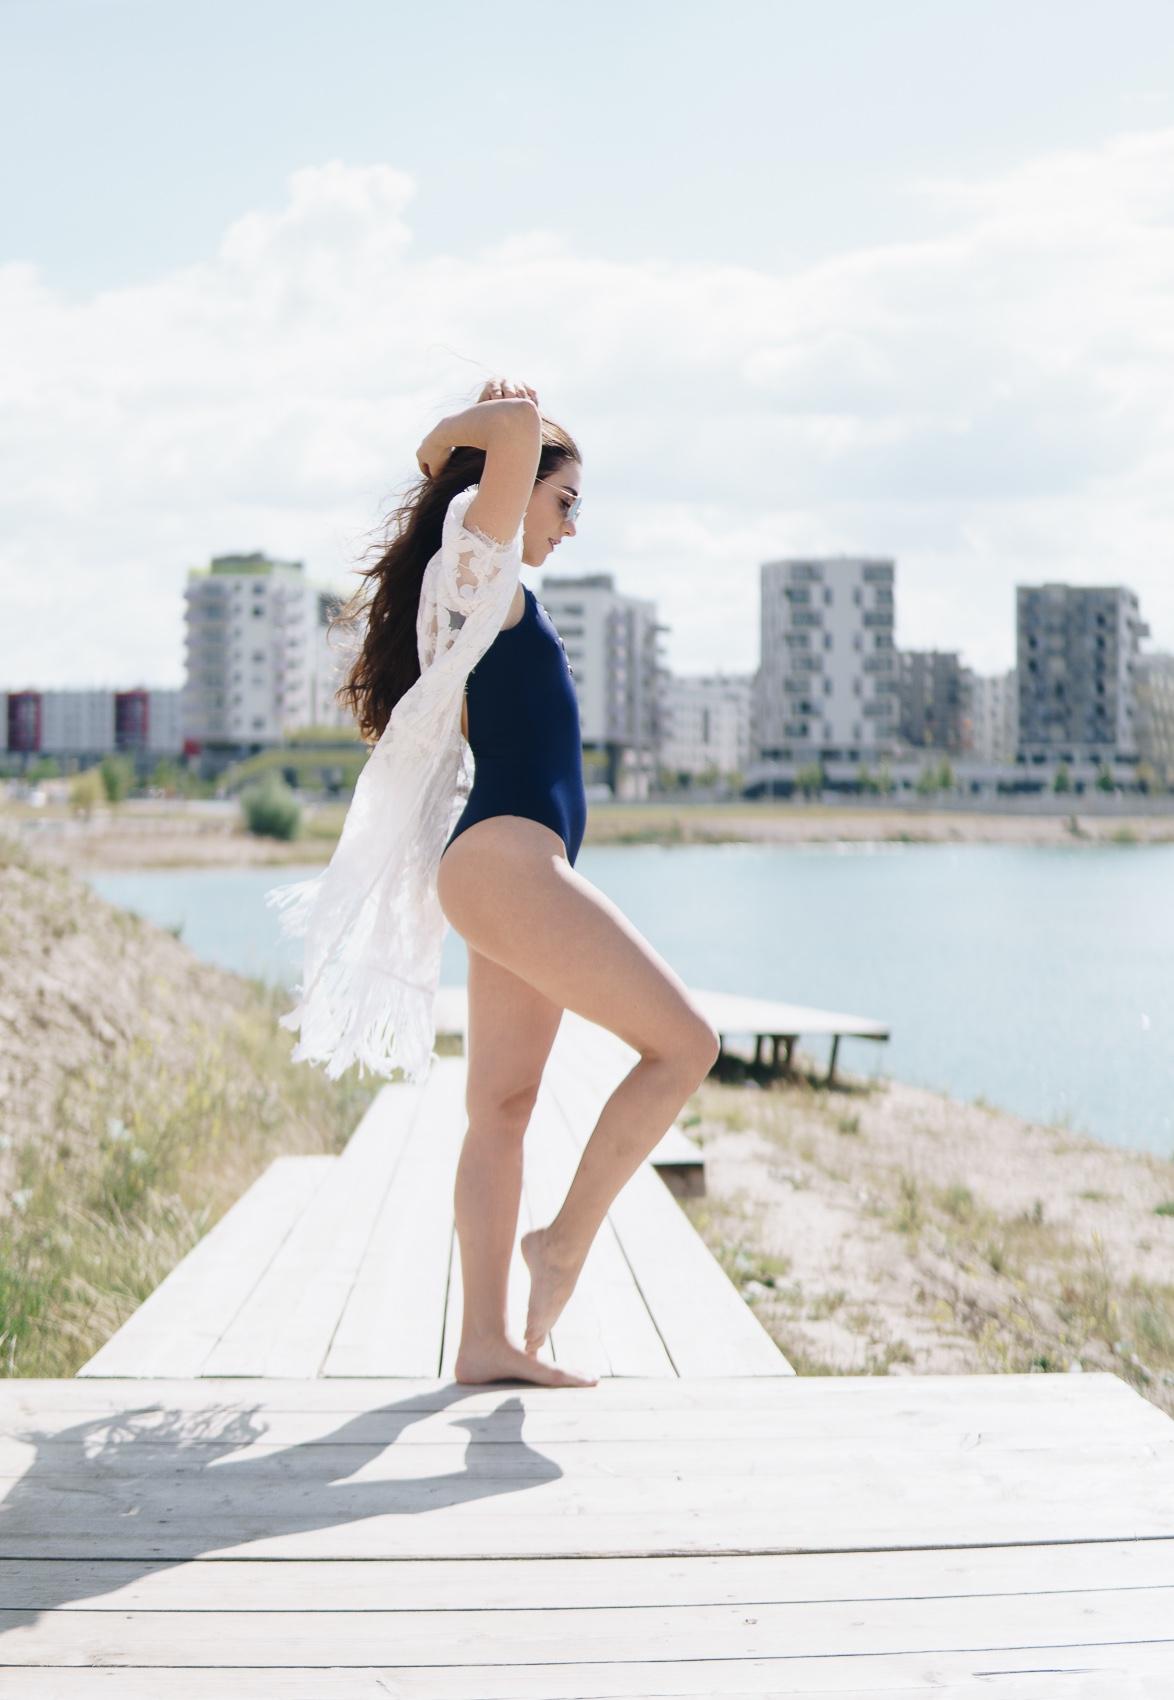 Sonnenschutz, LSF, Urlaub, Sonnenpflege, Sommer, Sonnencreme